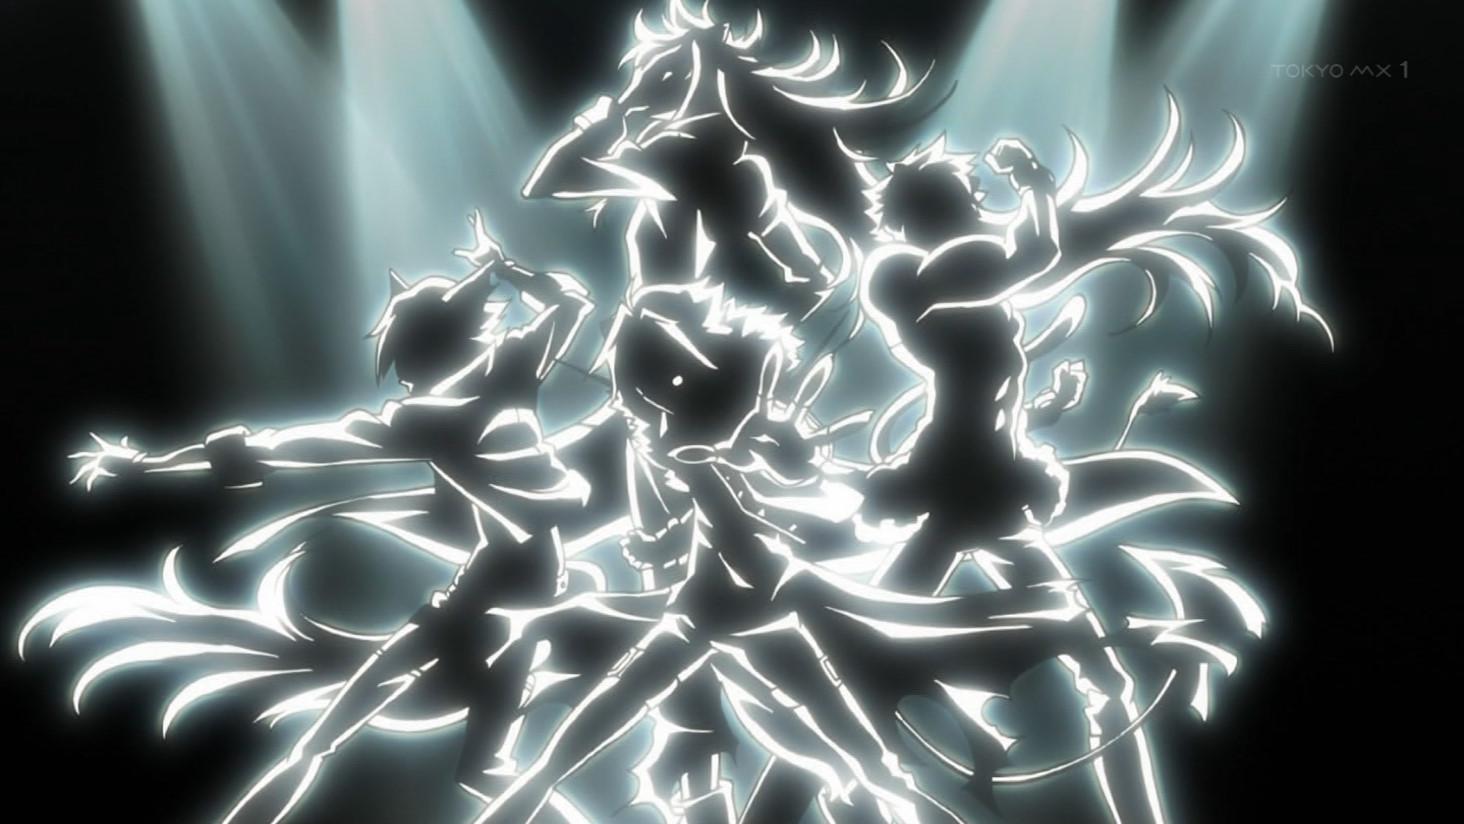 これが幕末Rookですか #SB69A #tokyomx http://t.co/QlBIROB3Dt